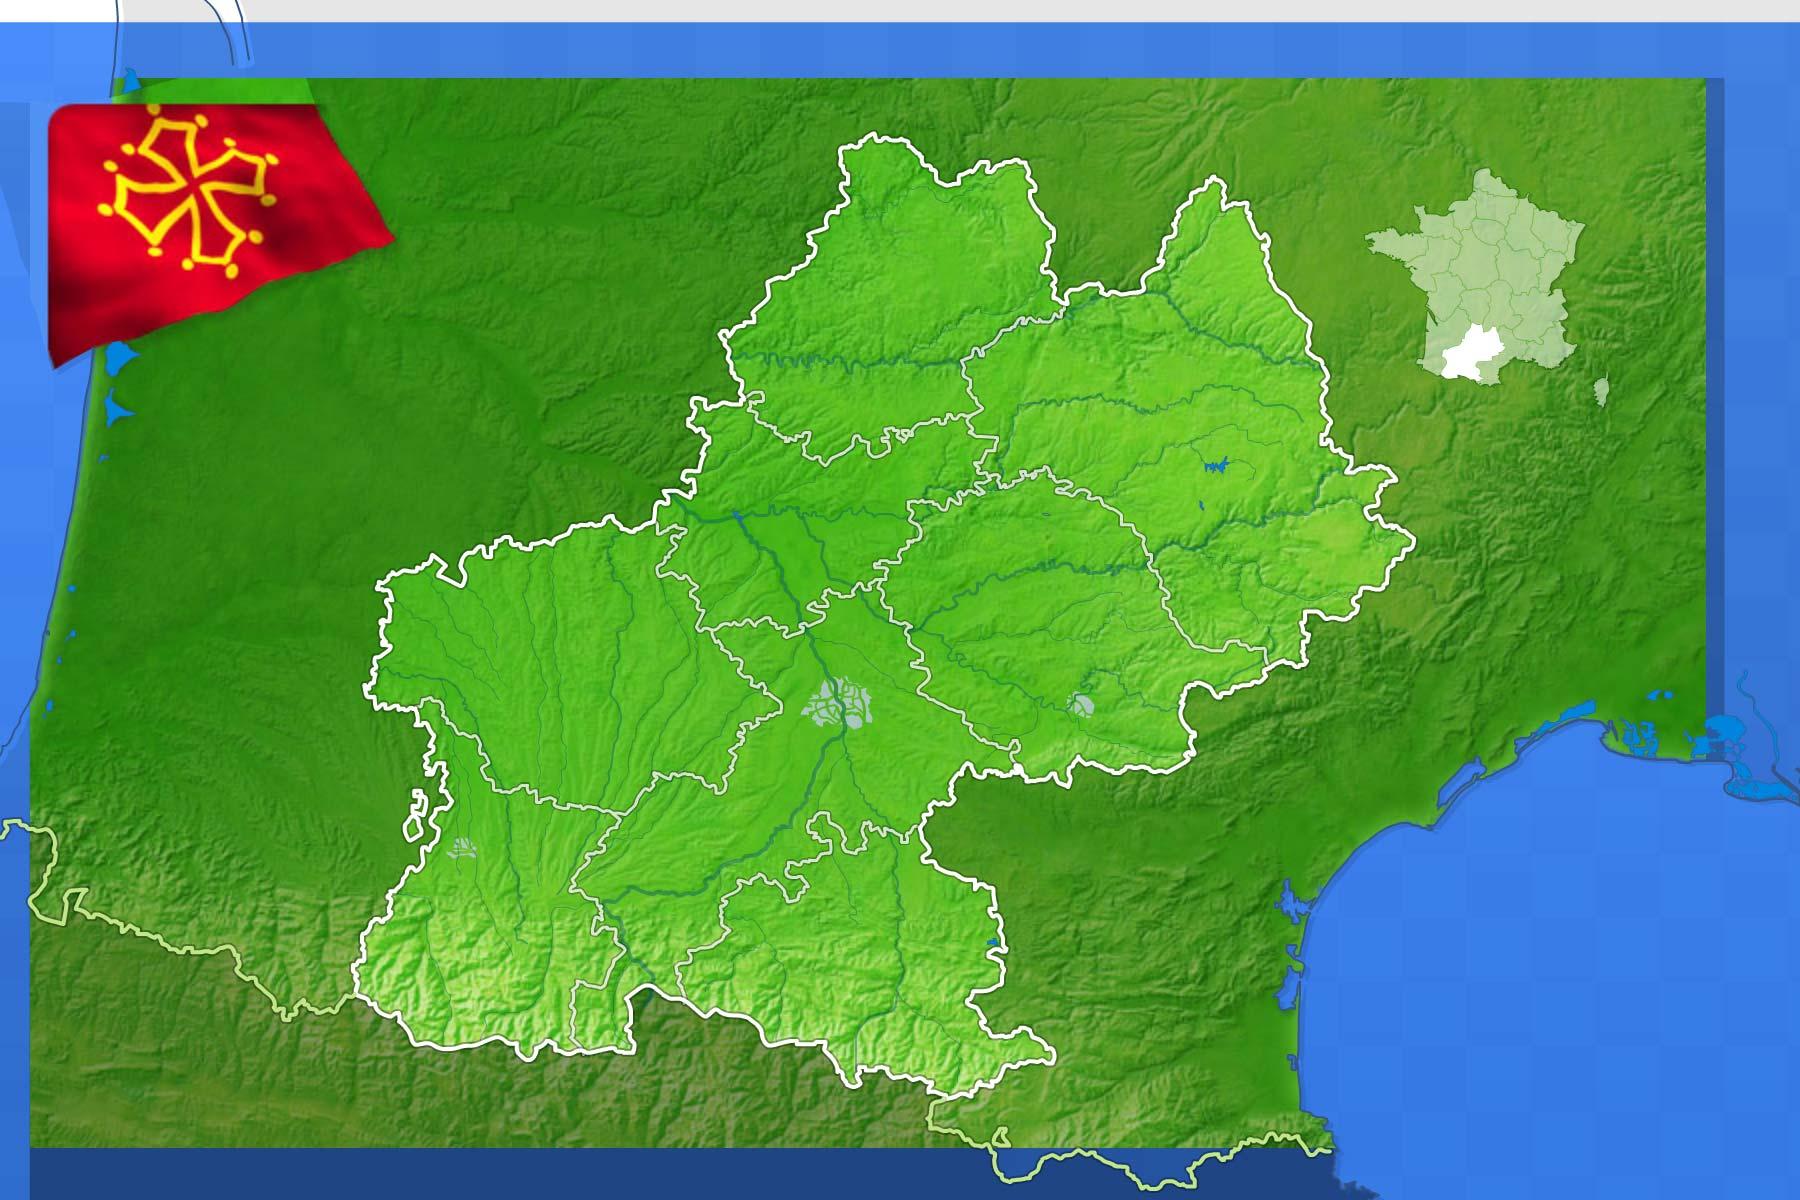 Jeux-Geographiques Jeux Gratuits Villes De Midi Pyrenees tout Jeux Geographique Ville De France